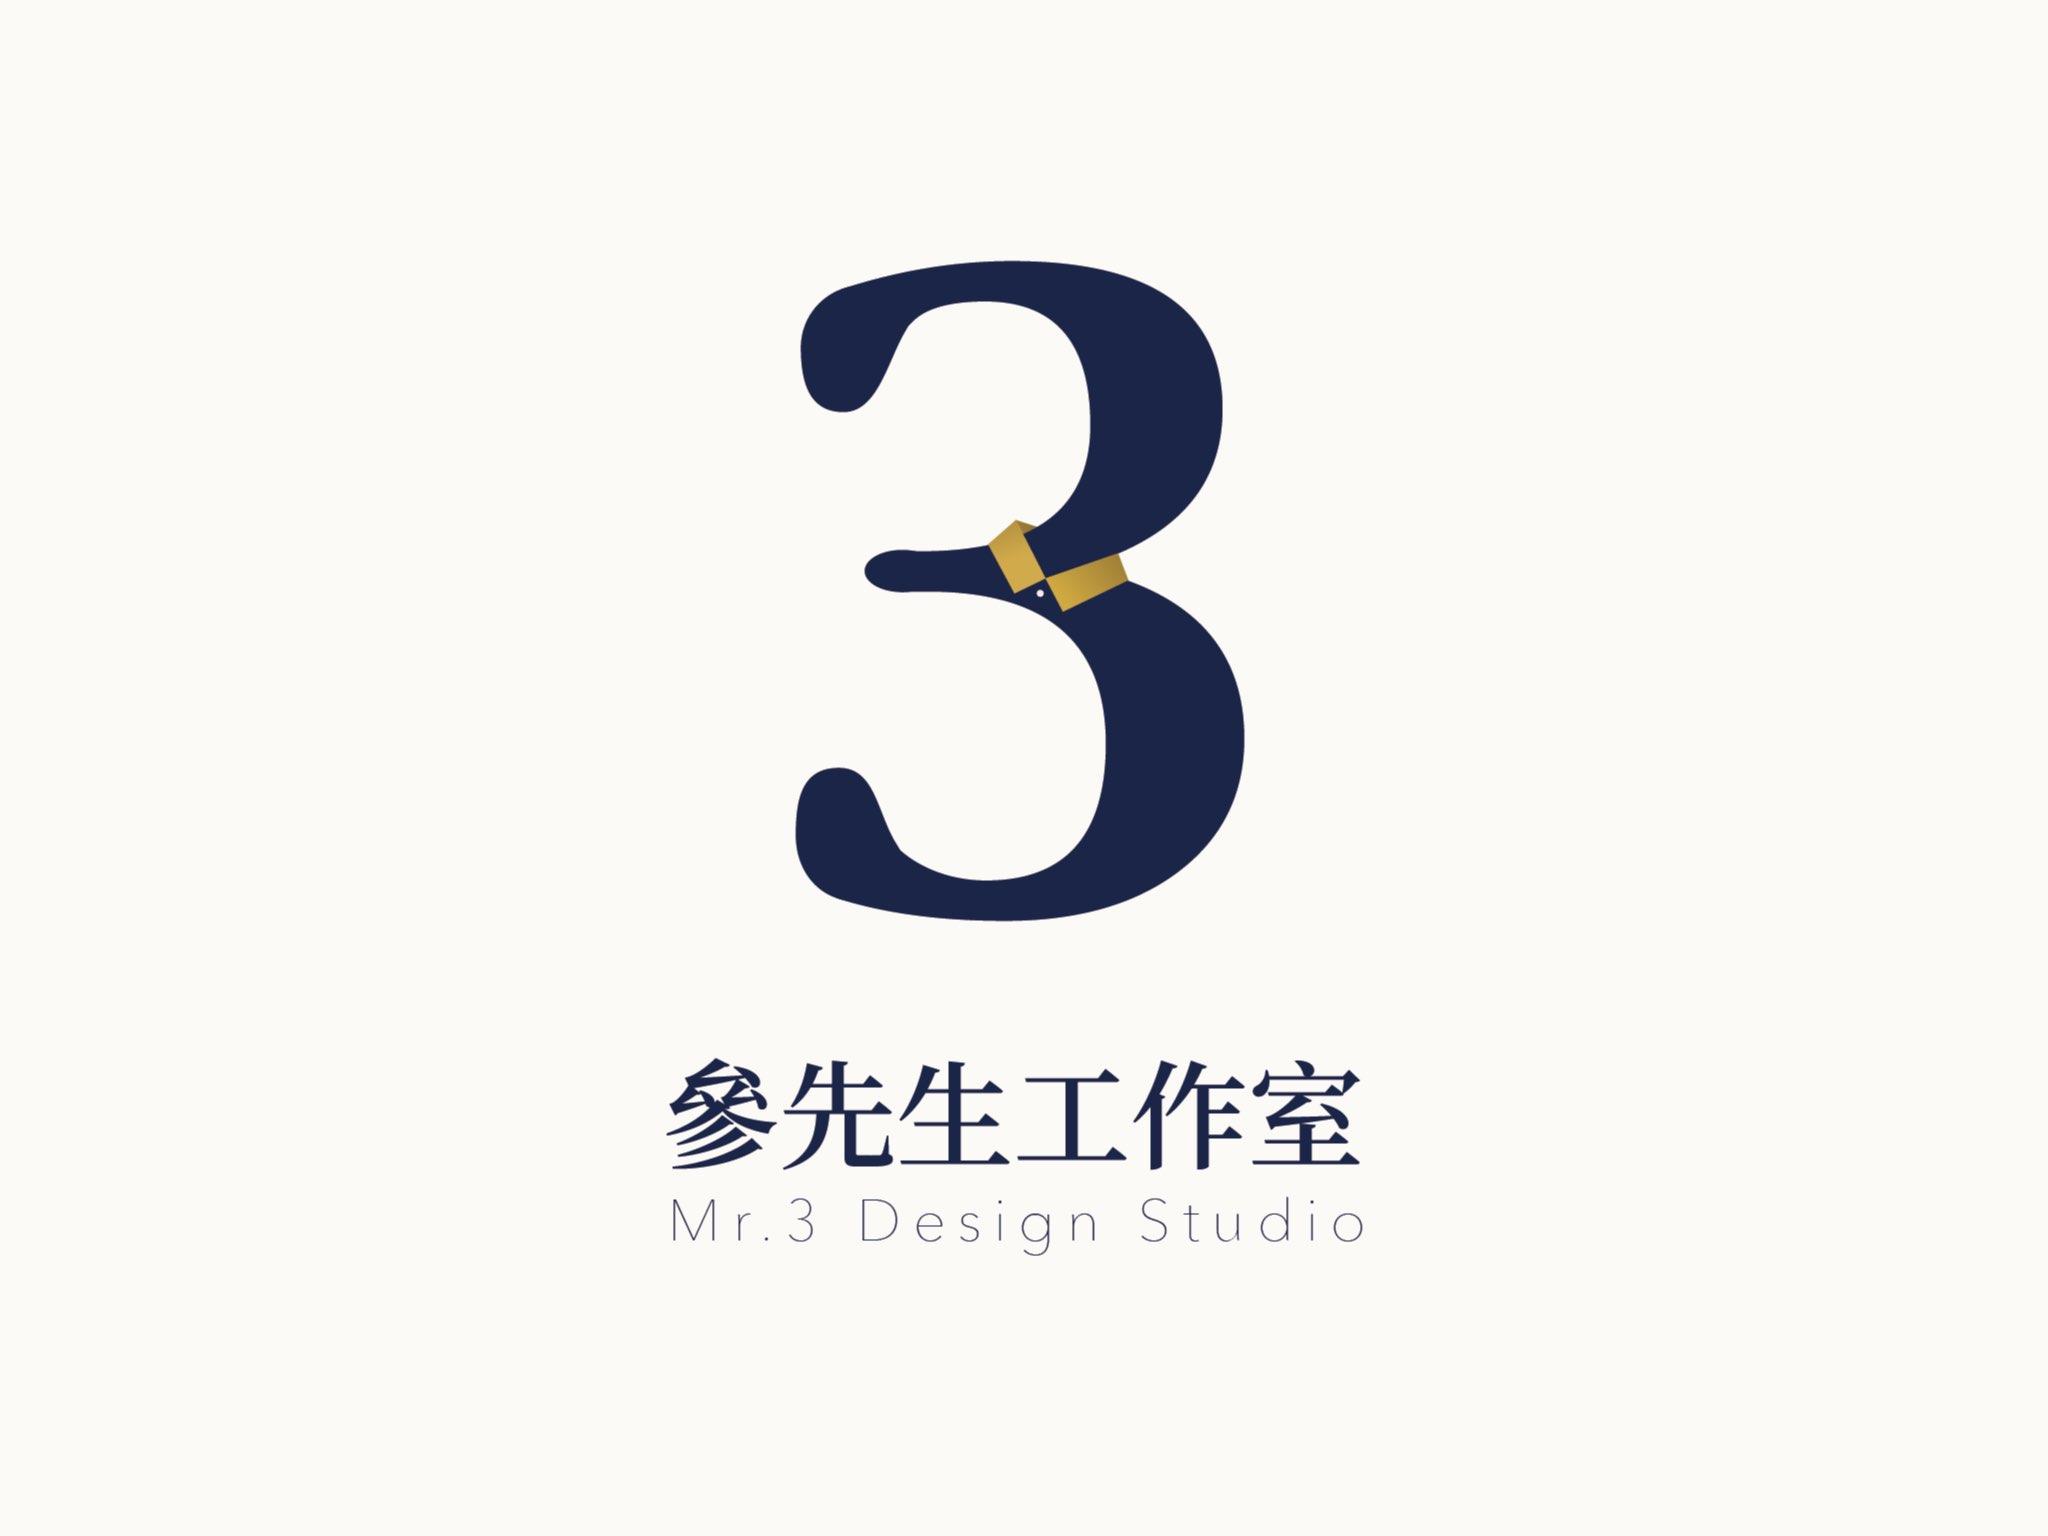 參先生工作室 Mr. 3 Design Studio│鹿港│今秋友好聯盟